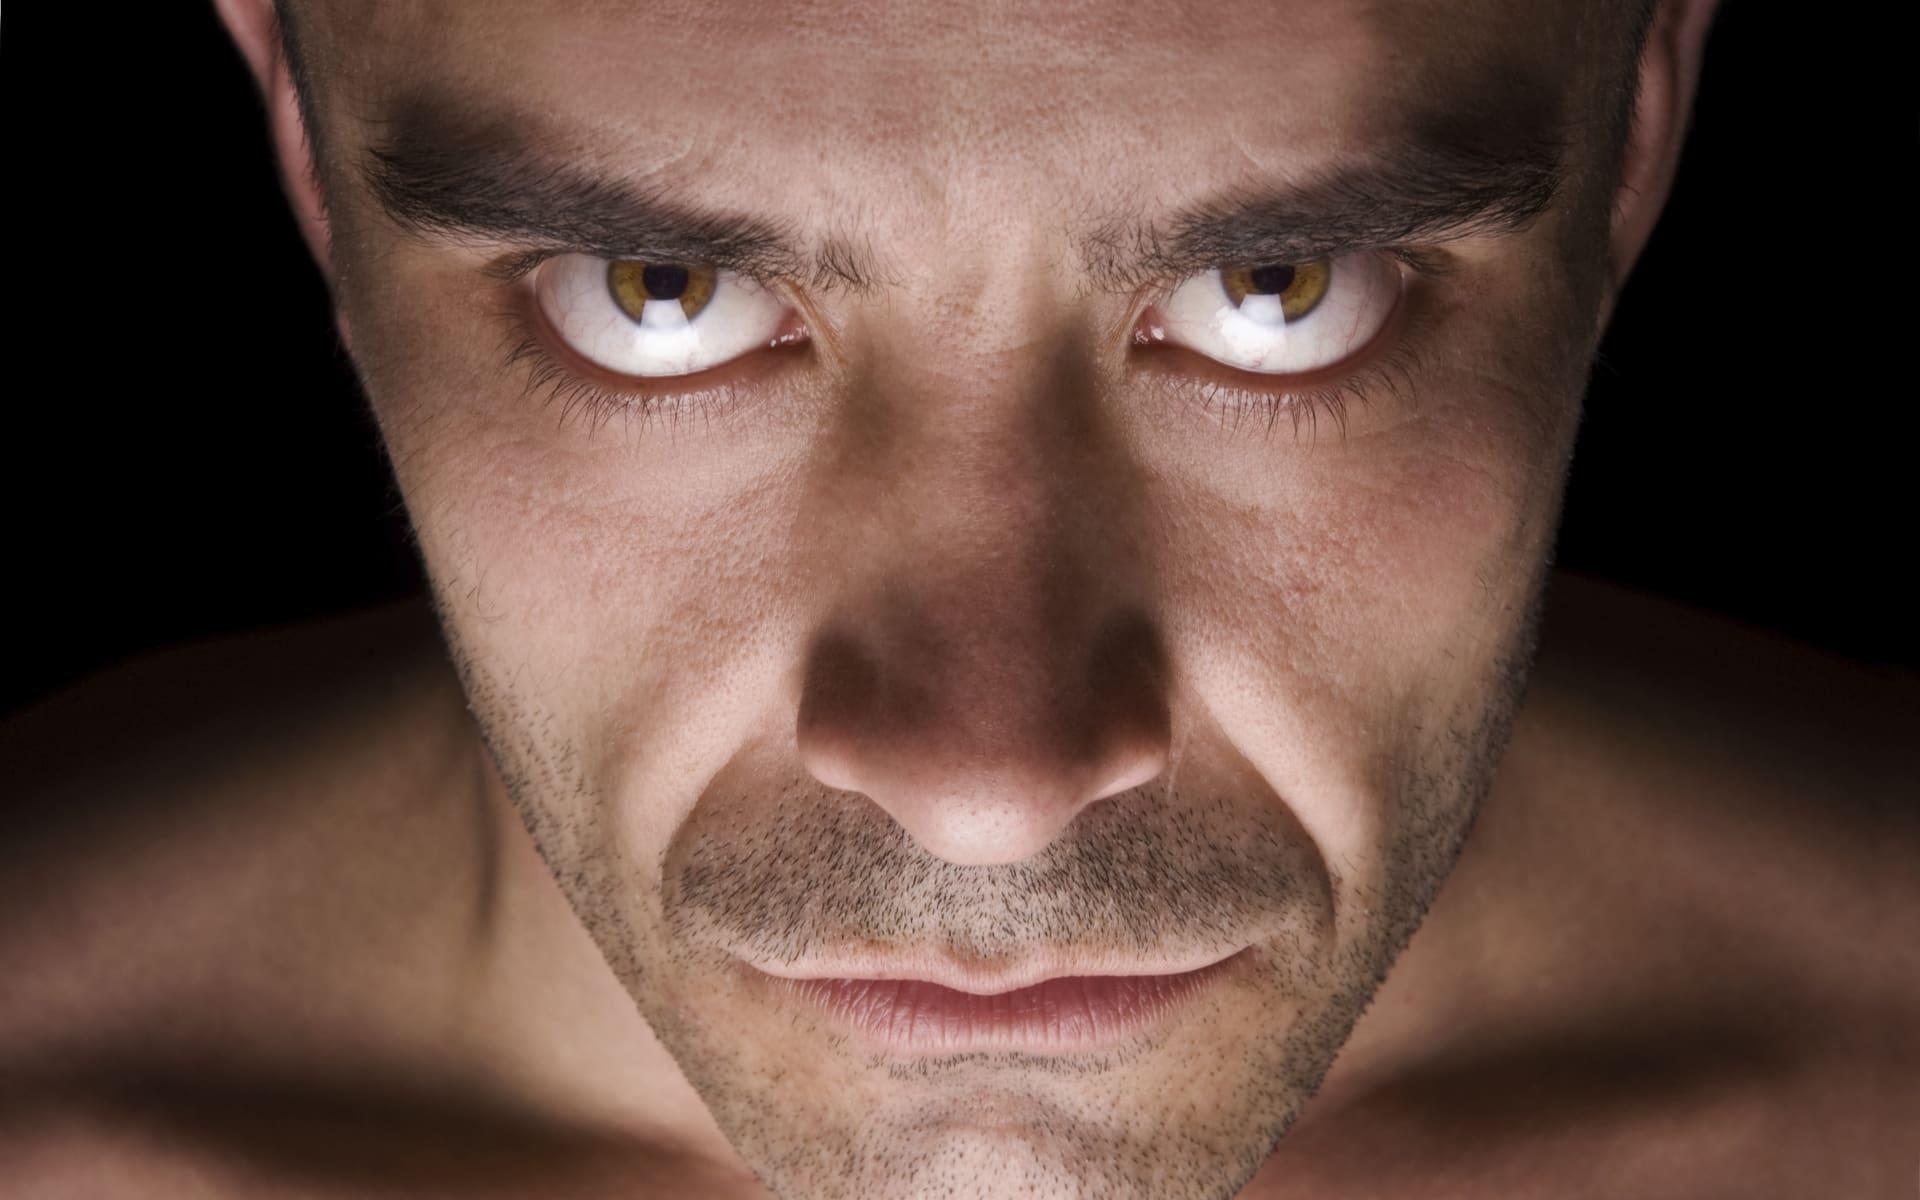 Психологи определили порог дискомфорта при зрительном контакте